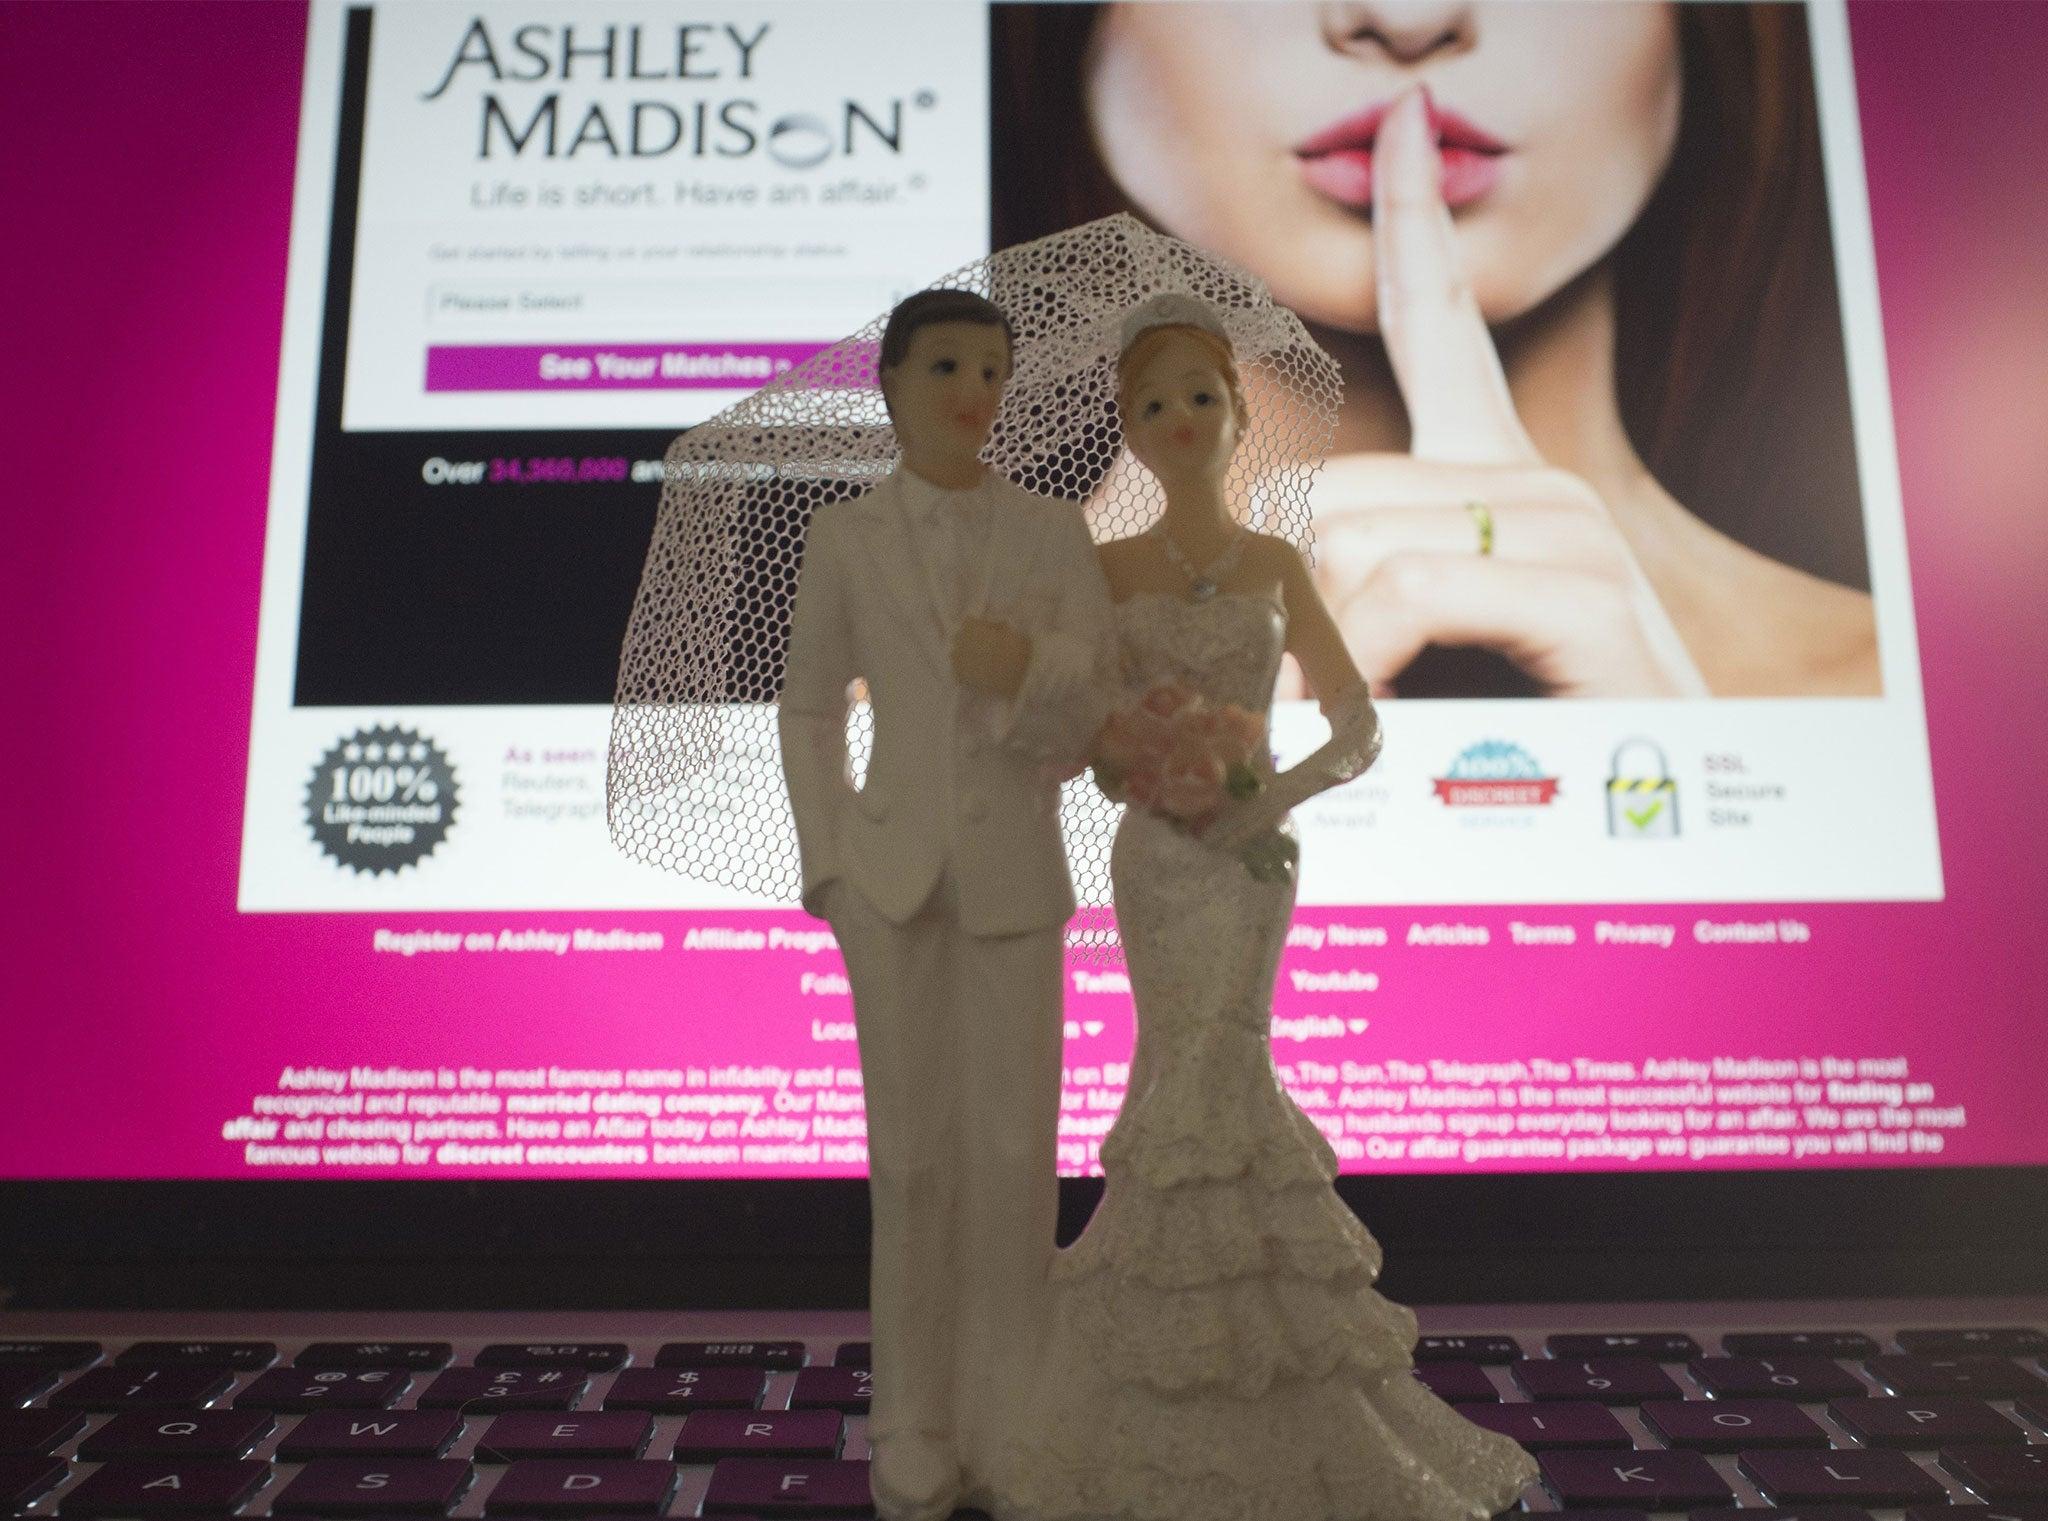 Célibataires adultes Ashley entouré